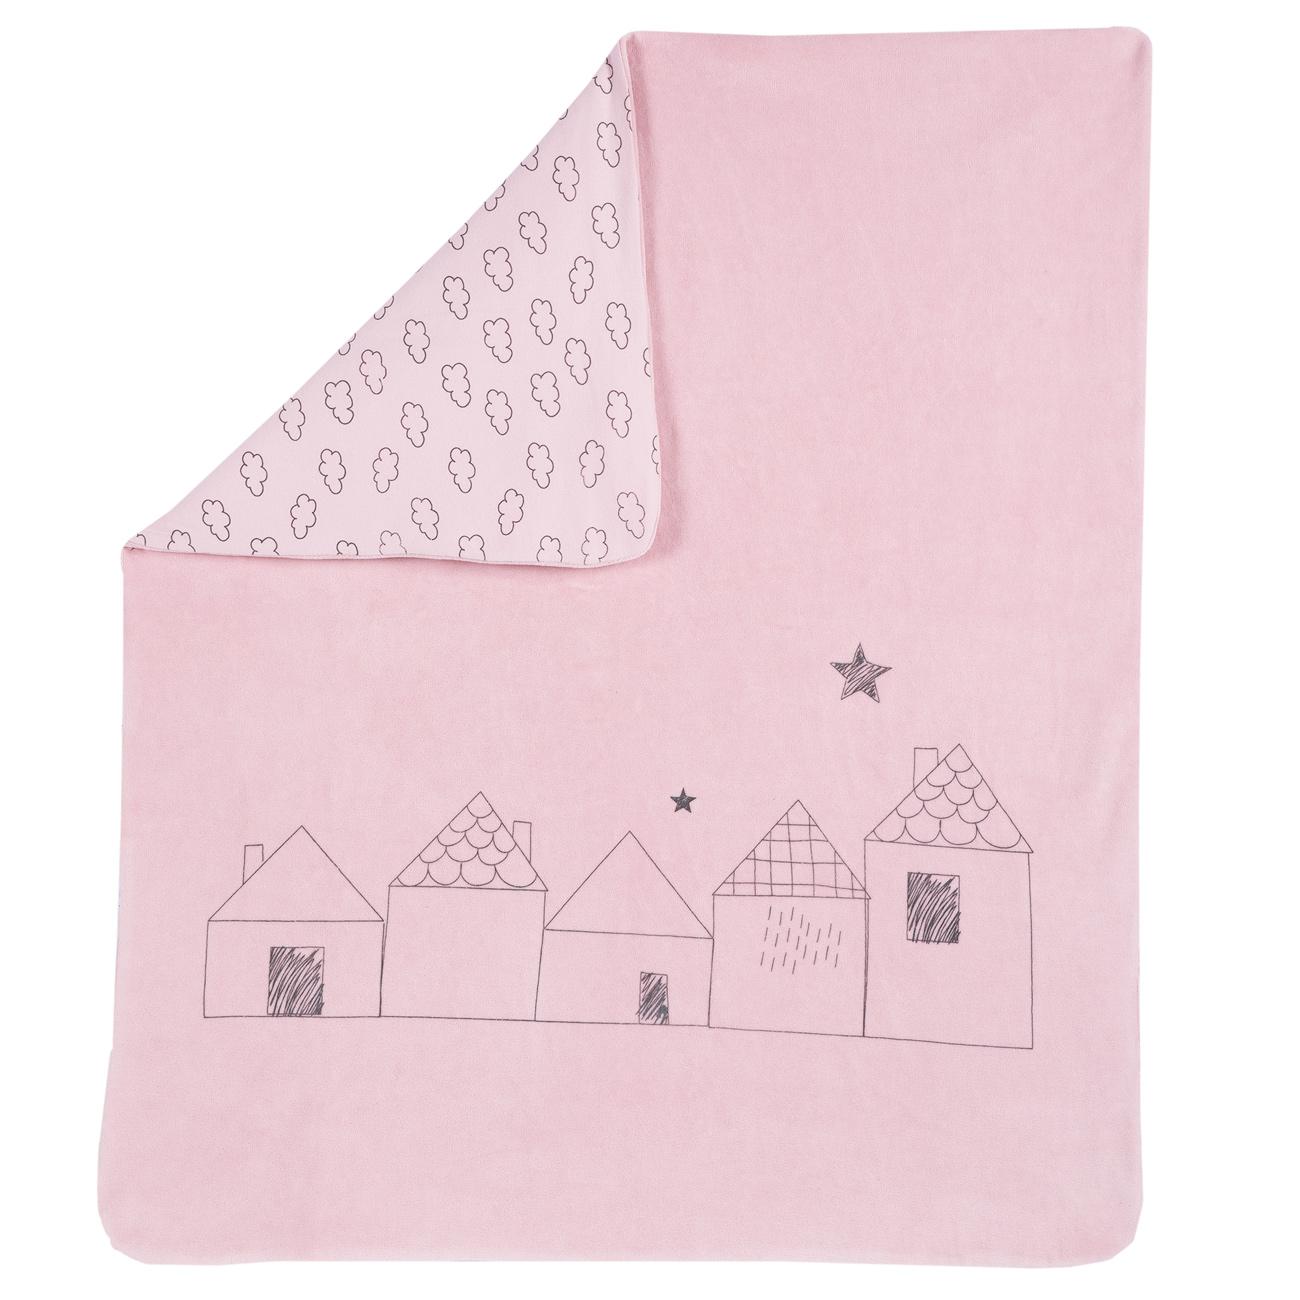 Paturica landou Chicco, roz, 10973